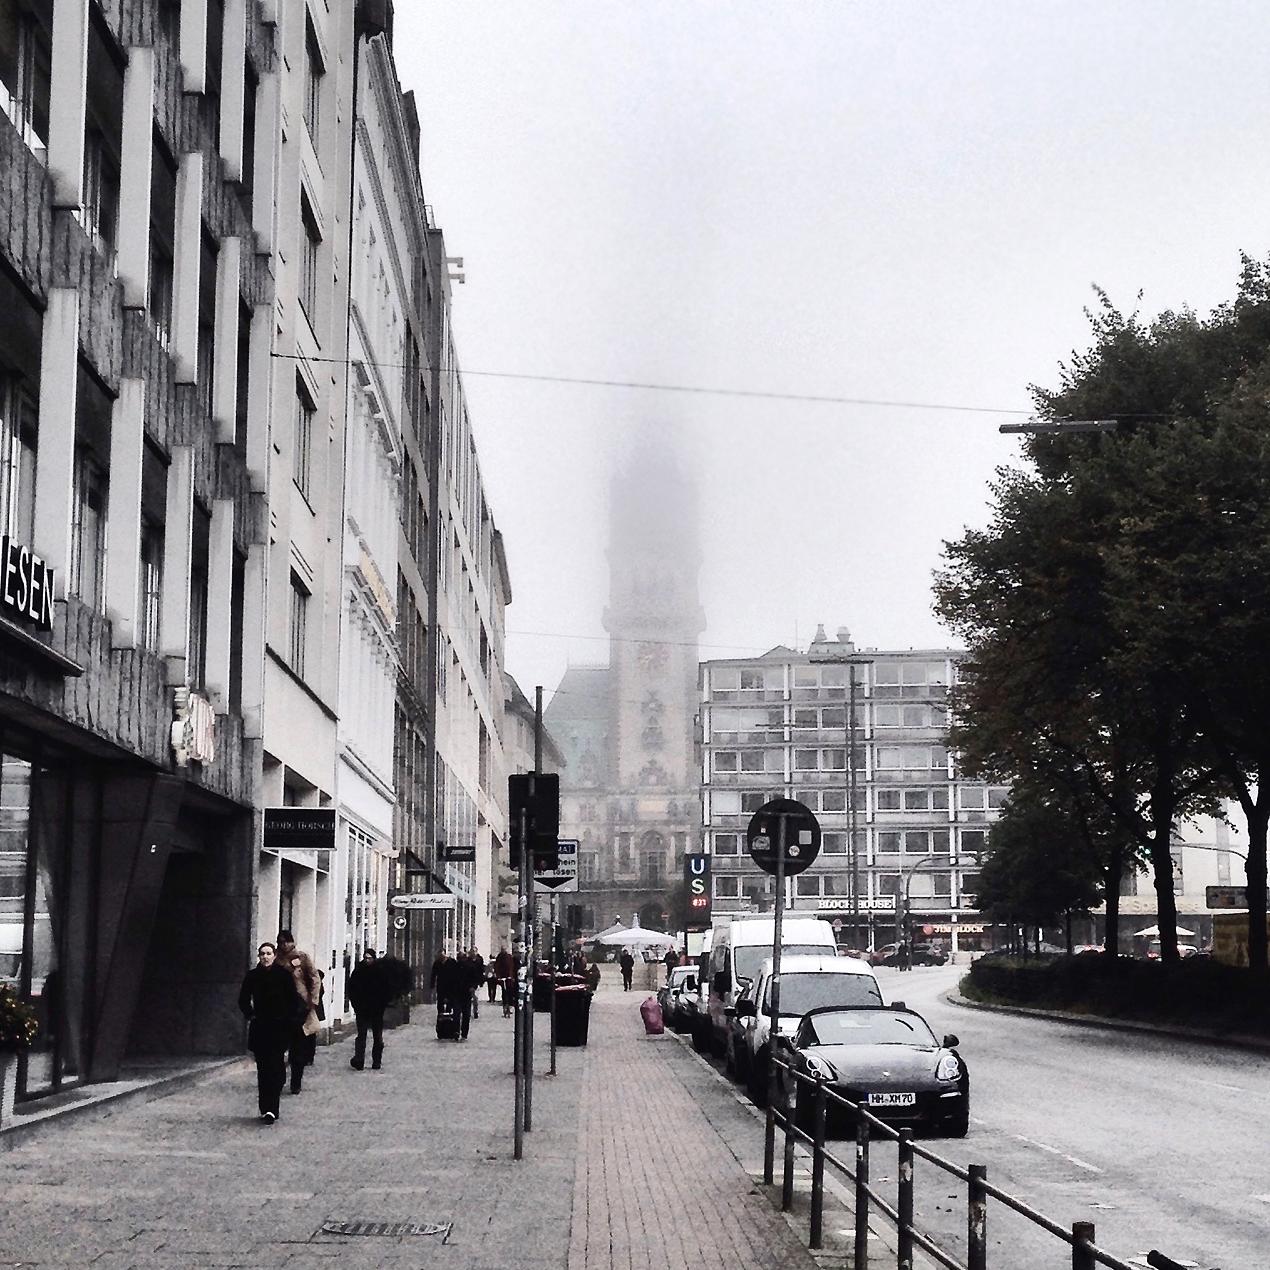 hamburch im nebel